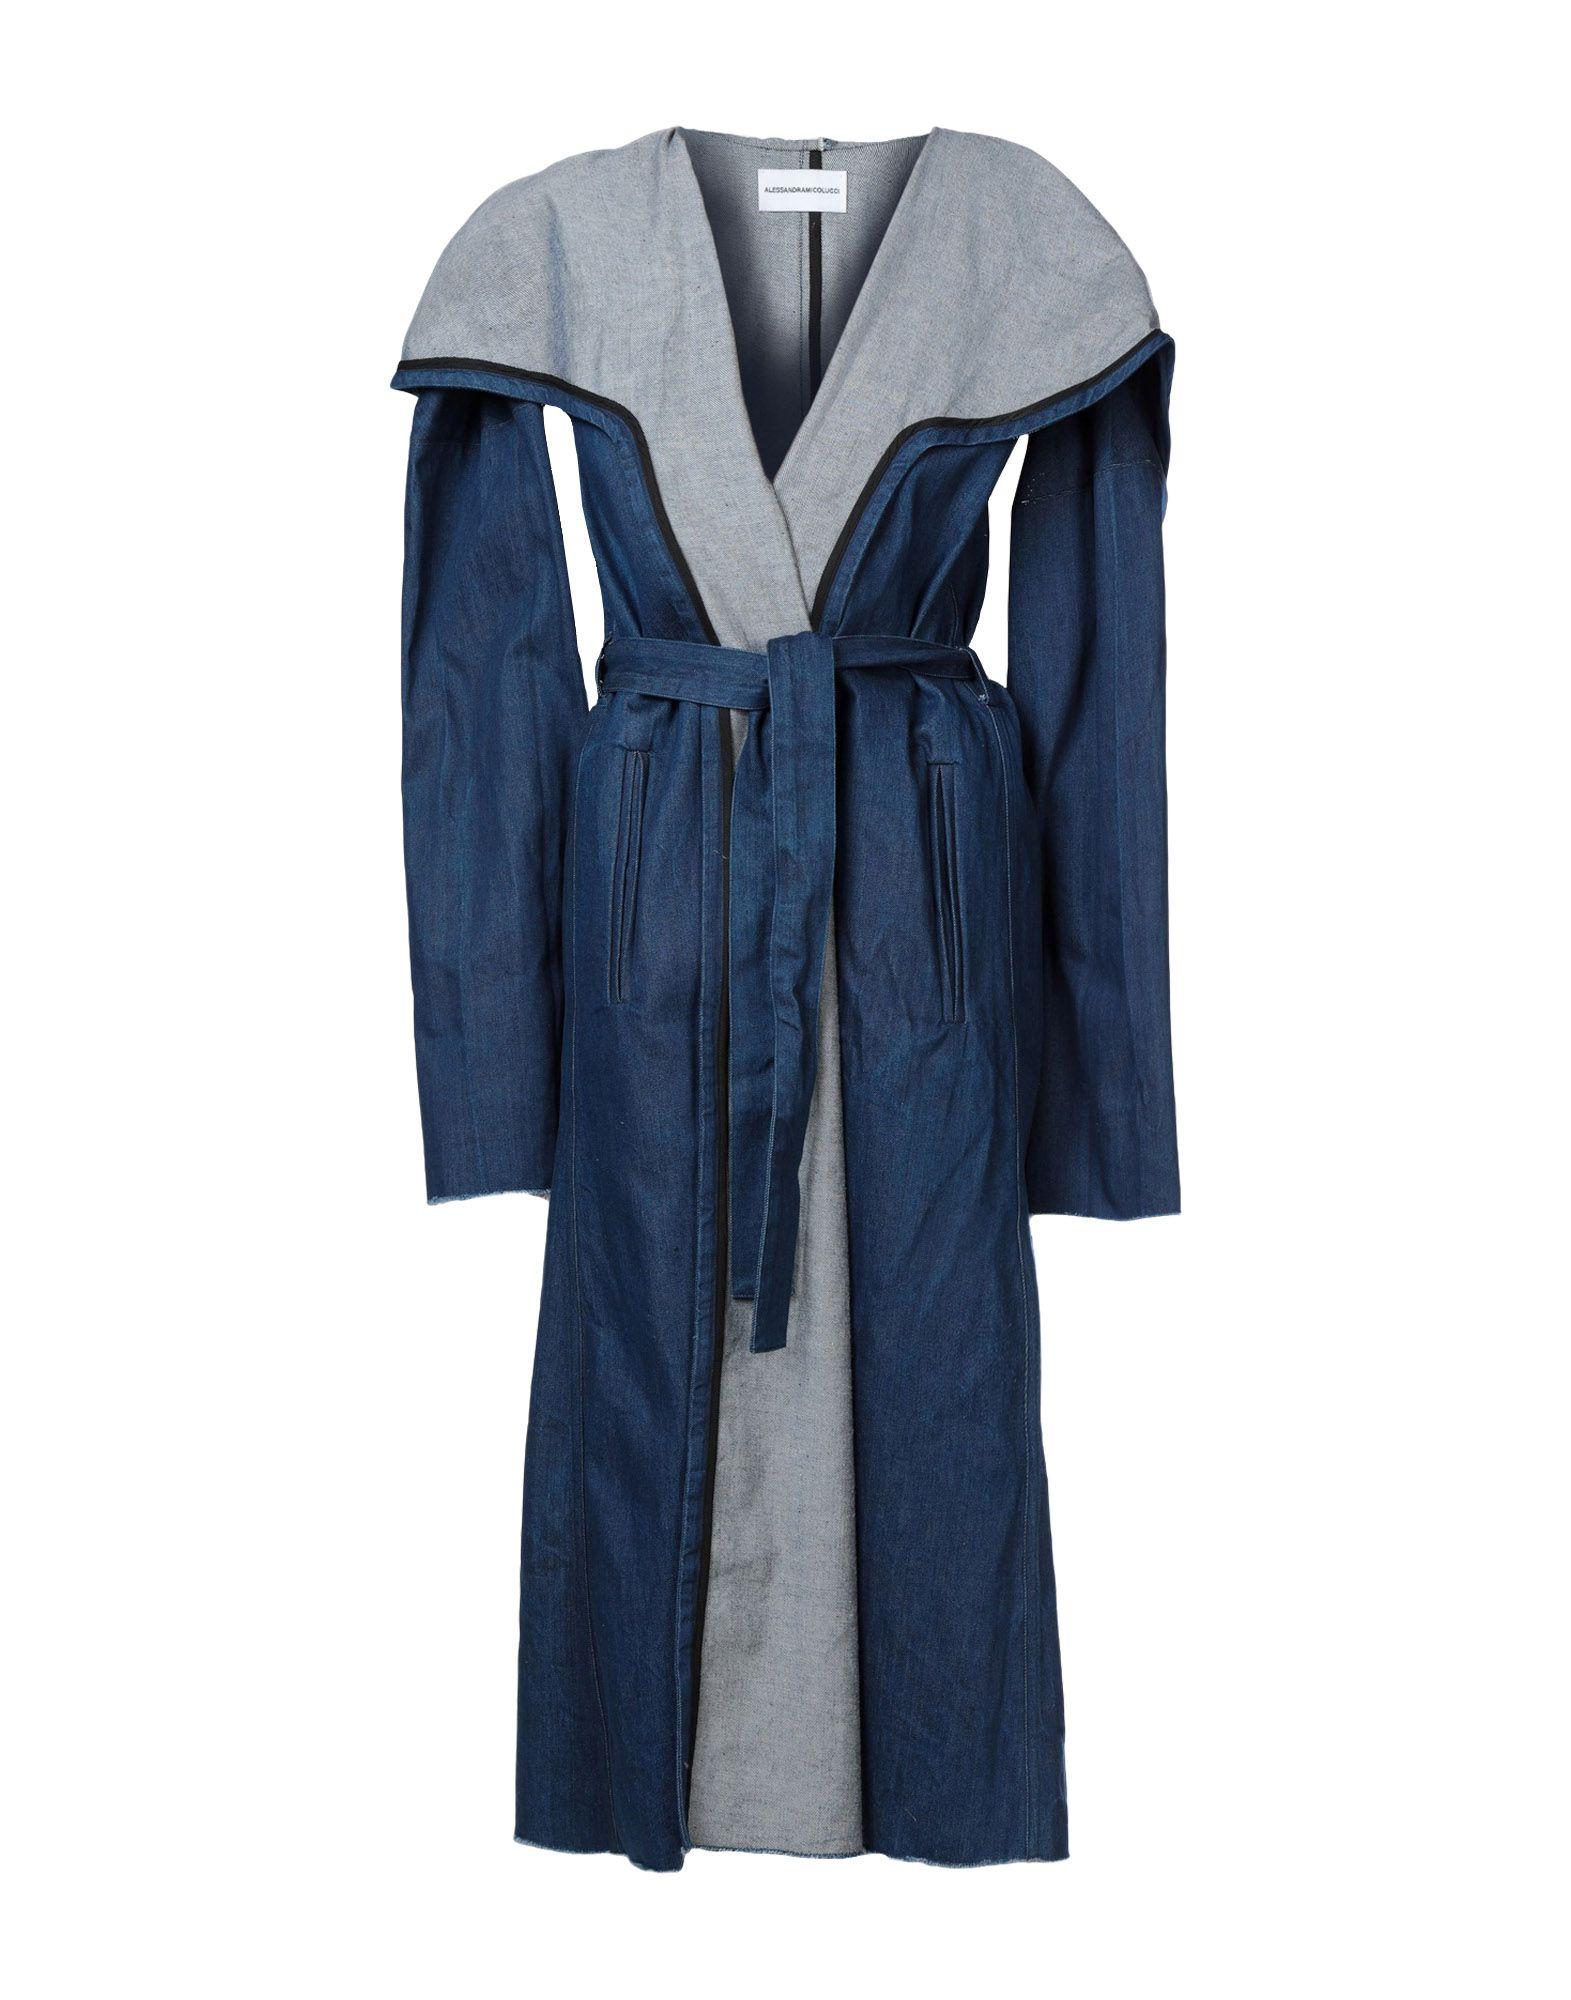 ALESSANDRAMICOLUCCI Джинсовая верхняя одежда брендовая одежда